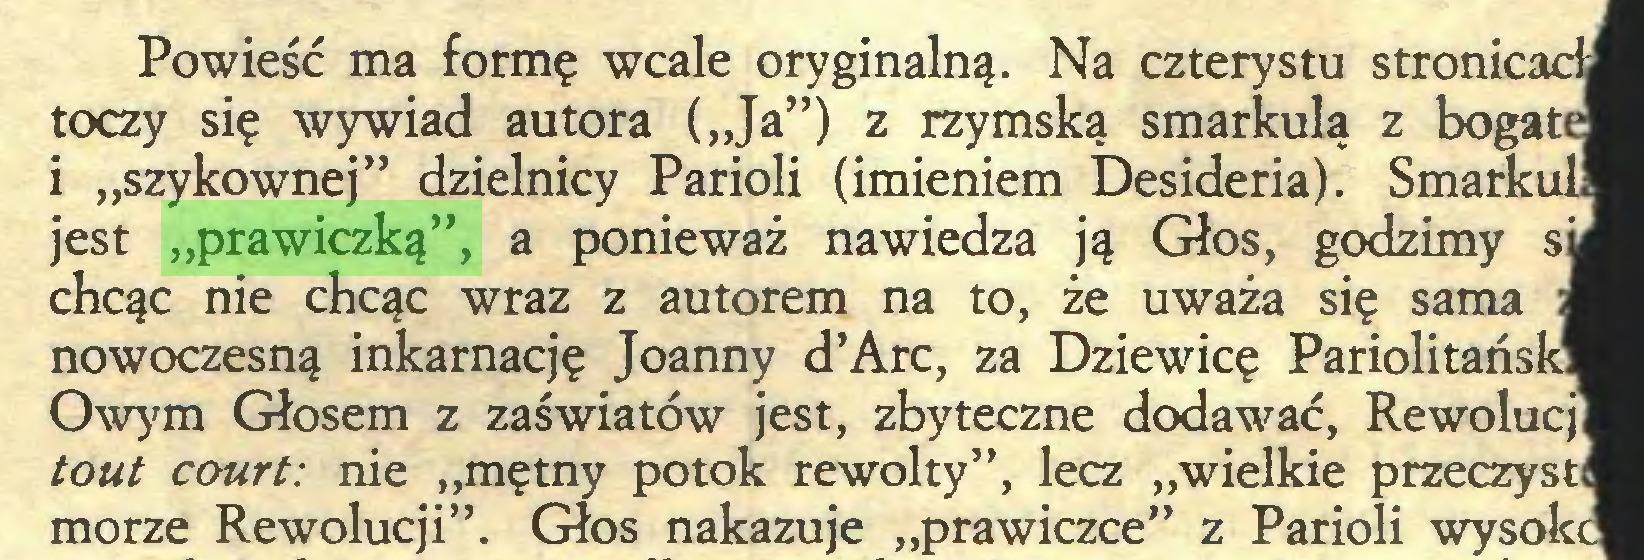 """(...) Powieść ma formę wcale oryginalną. Na czterystu stronicach toczy się wywiad autora (""""Ja"""") z rzymską smarkulą z bogat i """"szykownej"""" dzielnicy Parioli (imieniem Desideria). Smarkul jest """"prawiczką"""", a ponieważ nawiedza ją Głos, godzimy s: chcąc nie chcąc wraz z autorem na to, że uważa się sama nowoczesną inkamację Joanny d'Arc, za Dziewicę Pariolitańs Owym Głosem z zaświatów jest, zbyteczne dodawać, Rewolucj tout court: nie """"mętny potok rewolty"""", lecz """"wielkie przeczyst morze Rewolucji"""". Głos nakazuje """"prawiczce"""" z Parioli wysok..."""